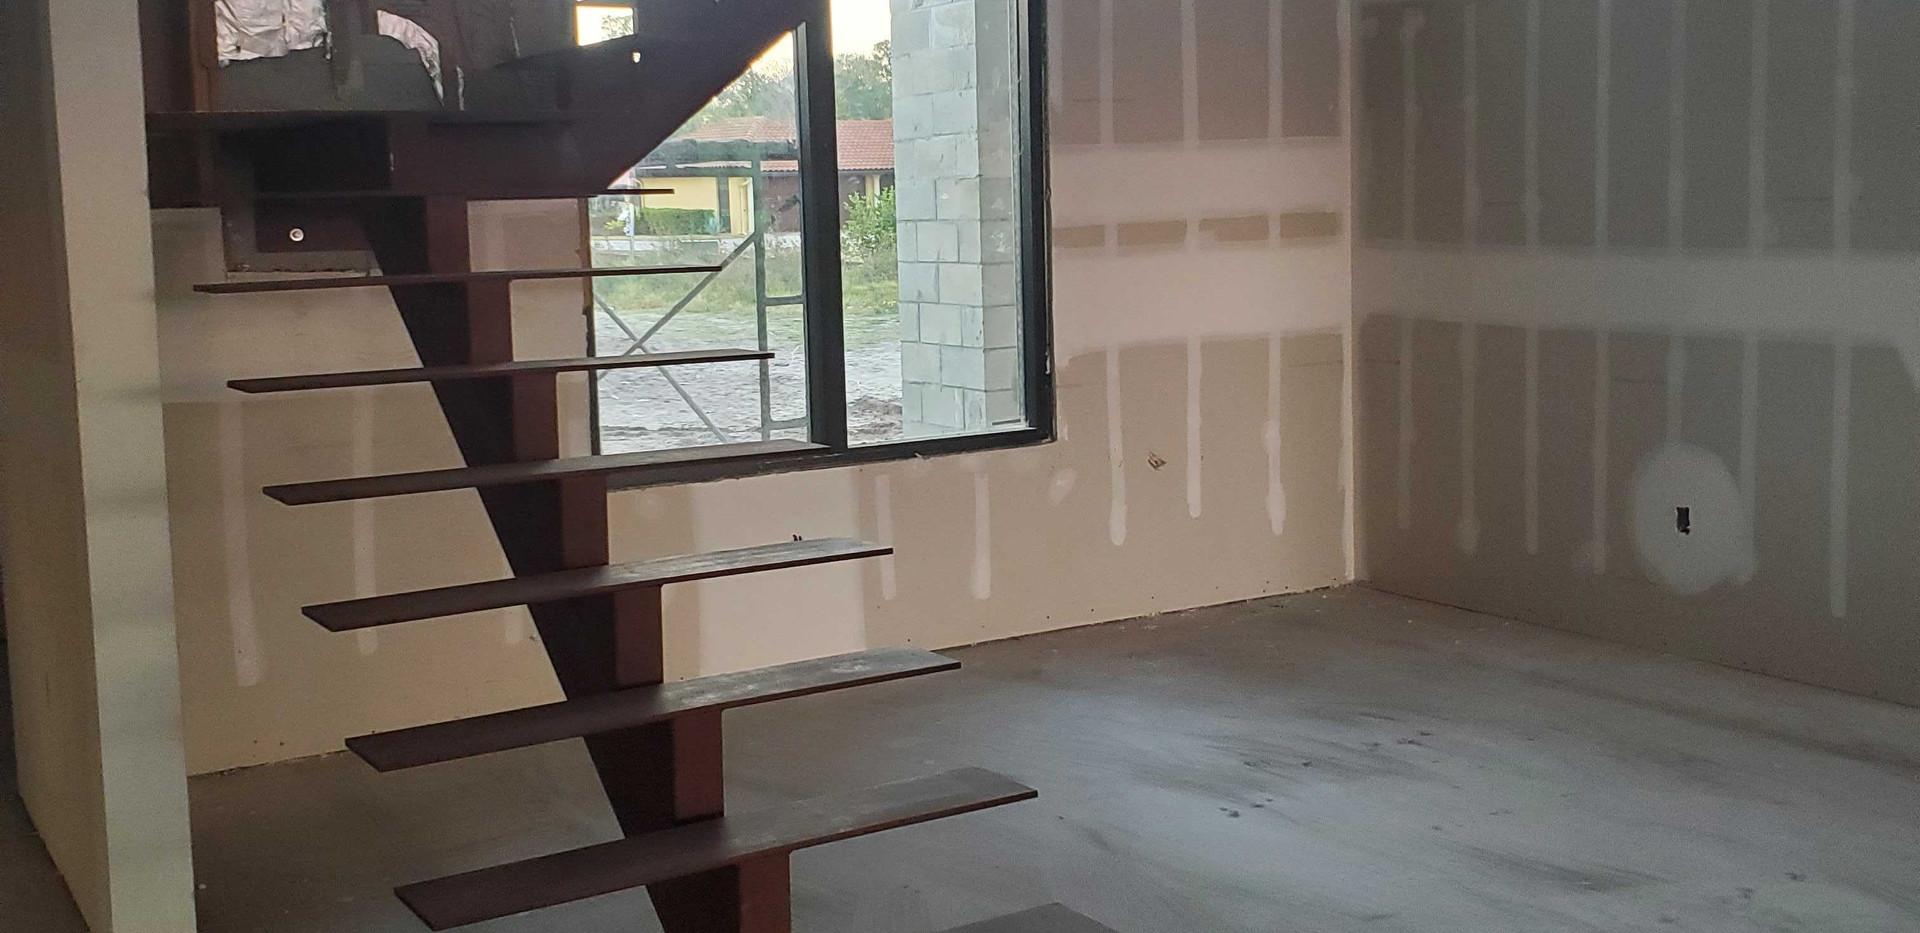 Valdara Floating Stairs